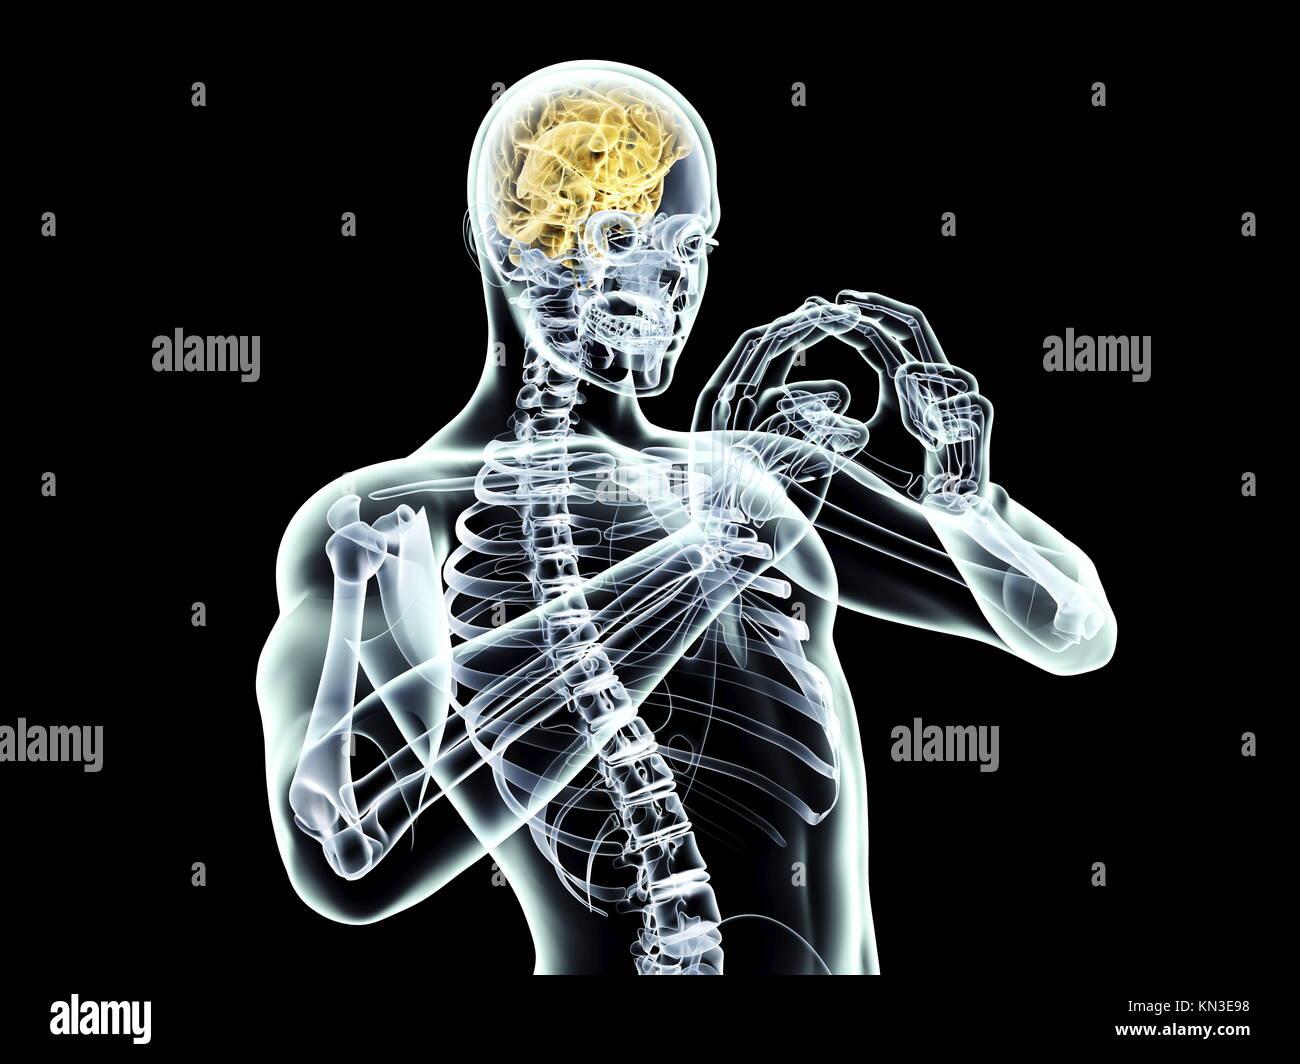 Puissance de l'esprit. Rendu 3D illustration. Isolé sur le noir. Photo Stock